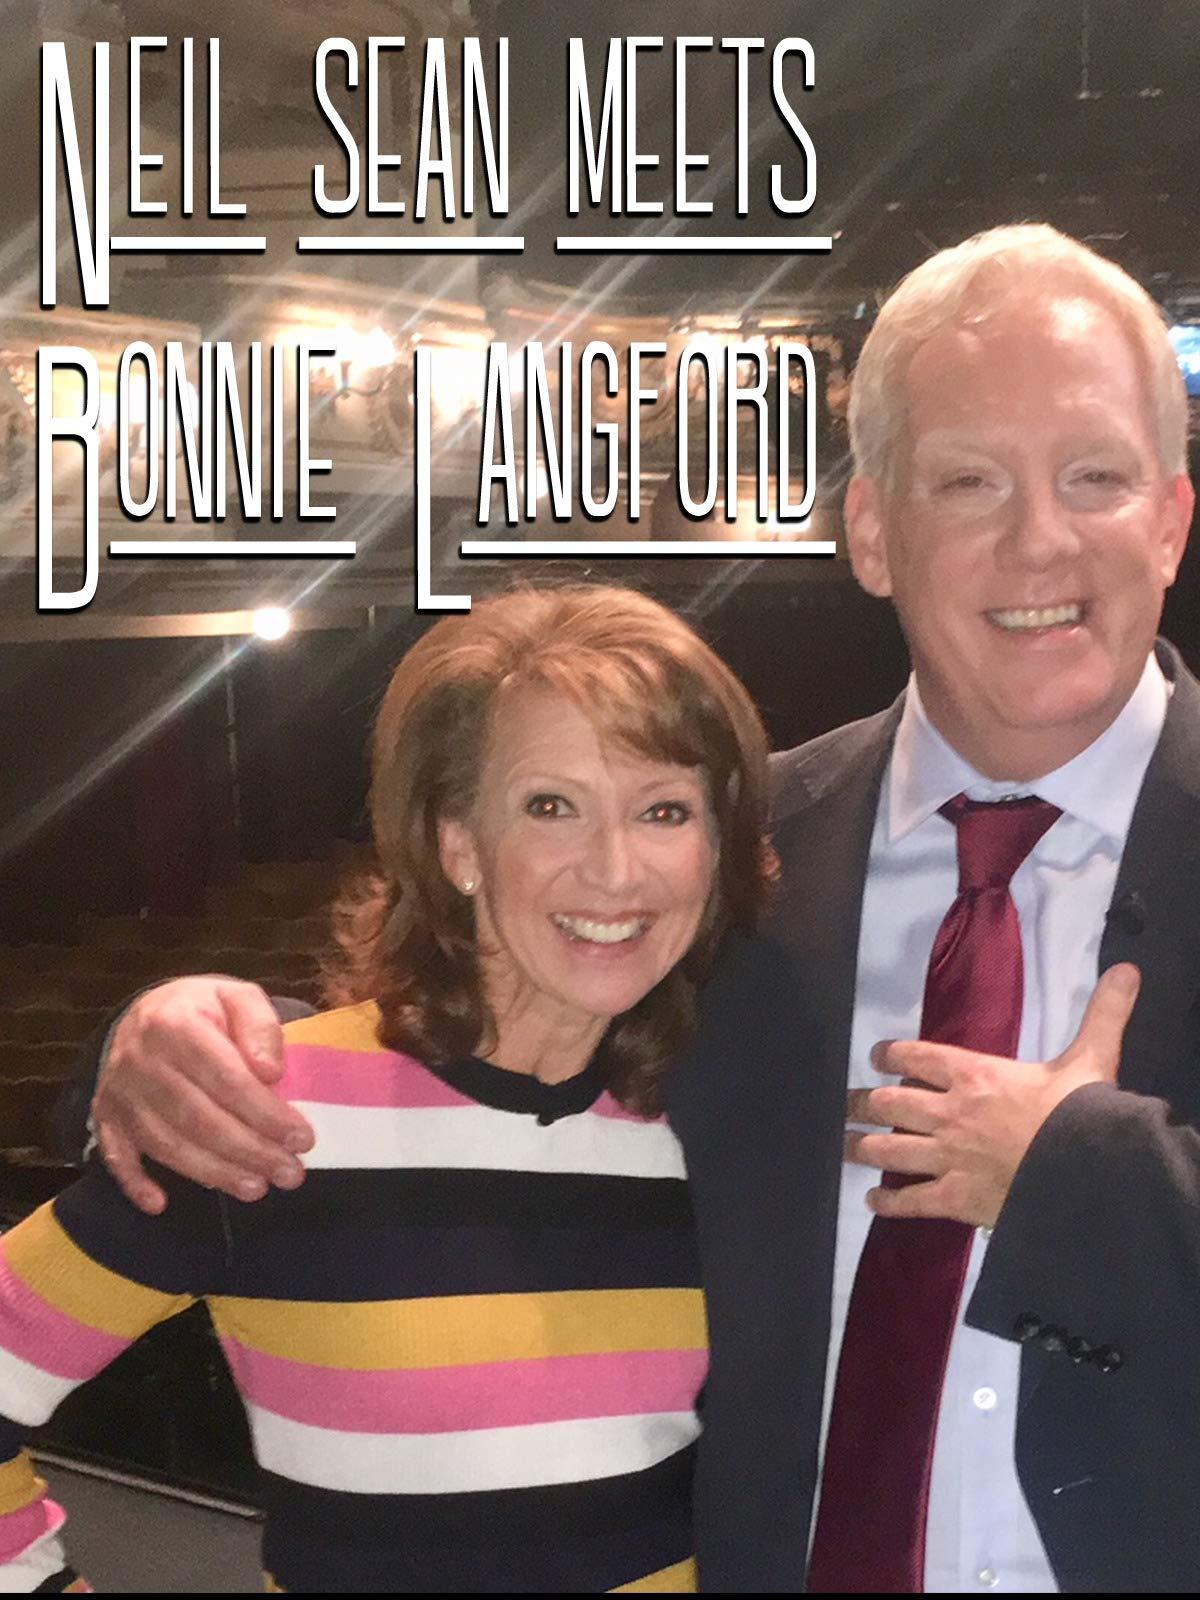 Neil Sean meets Bonnie Langford